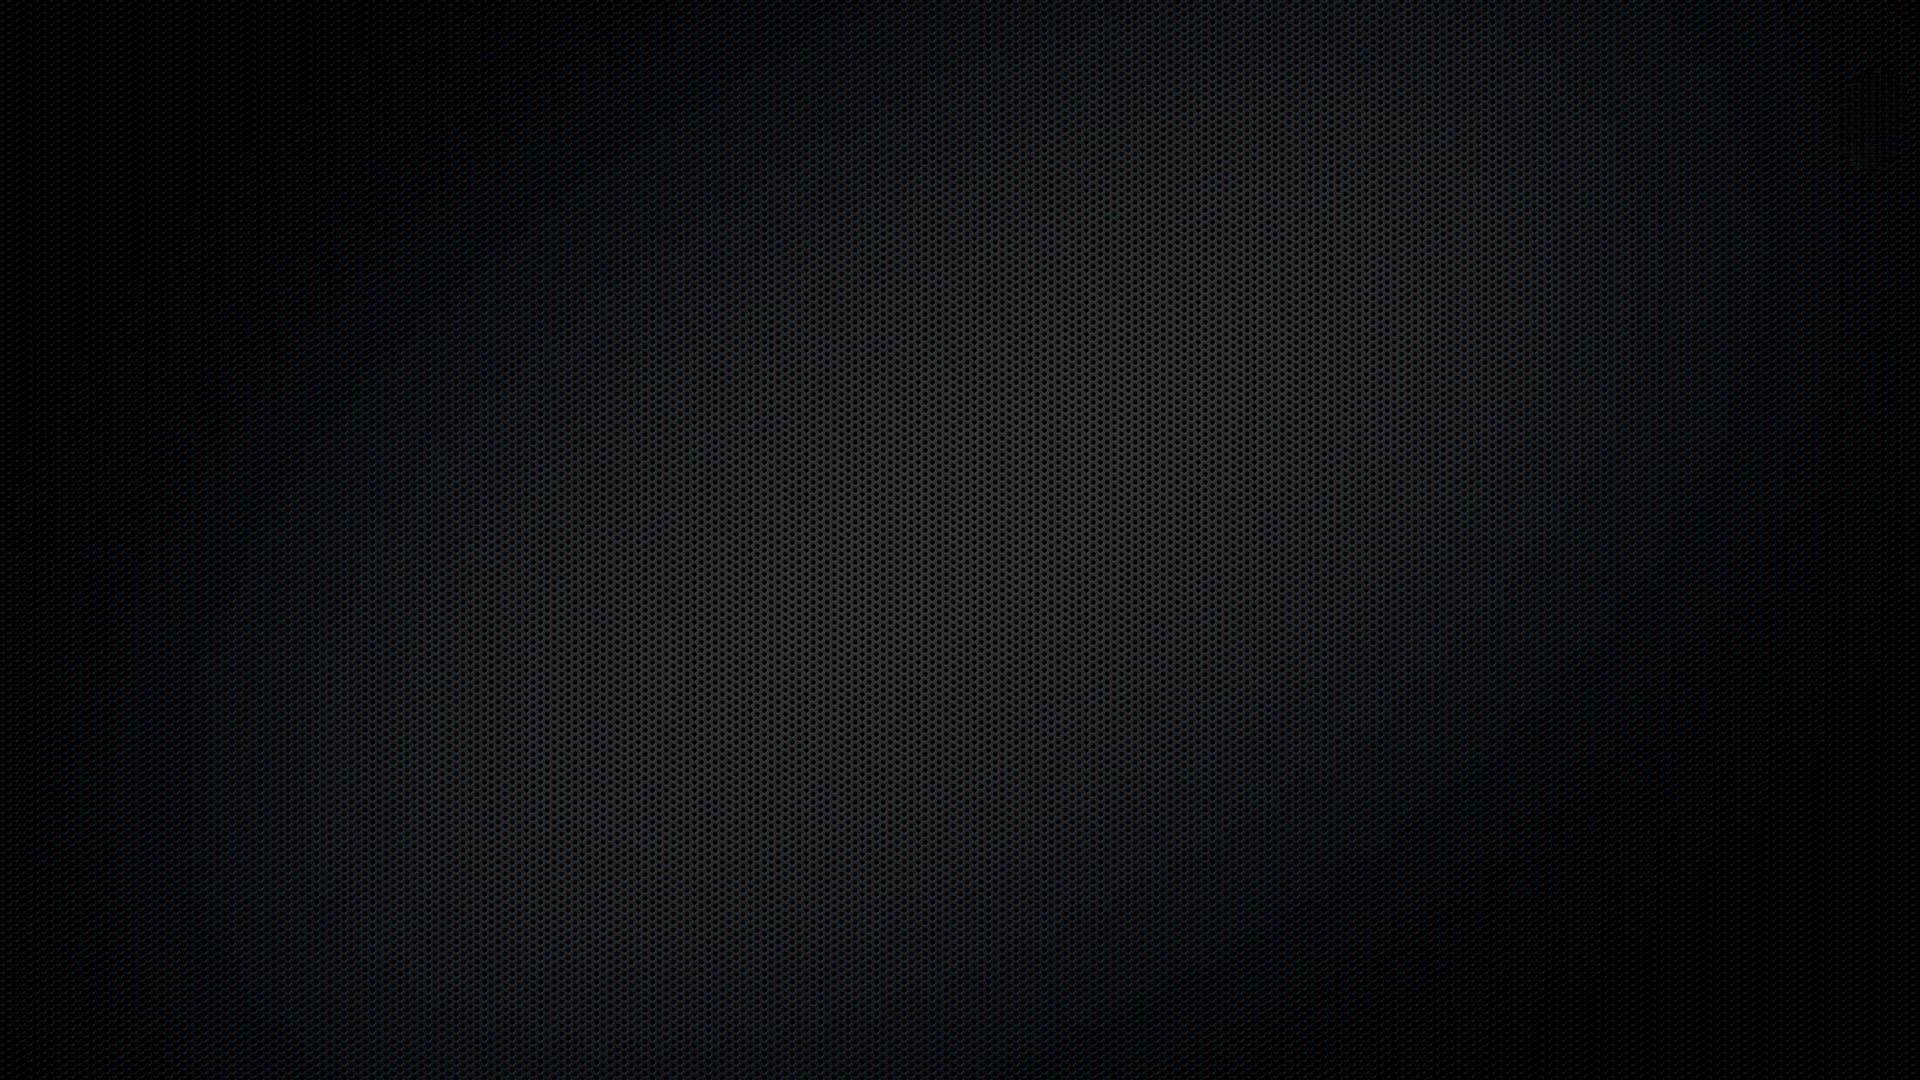 Black color simple full hd wallpaper for desktop background. Â«Â«